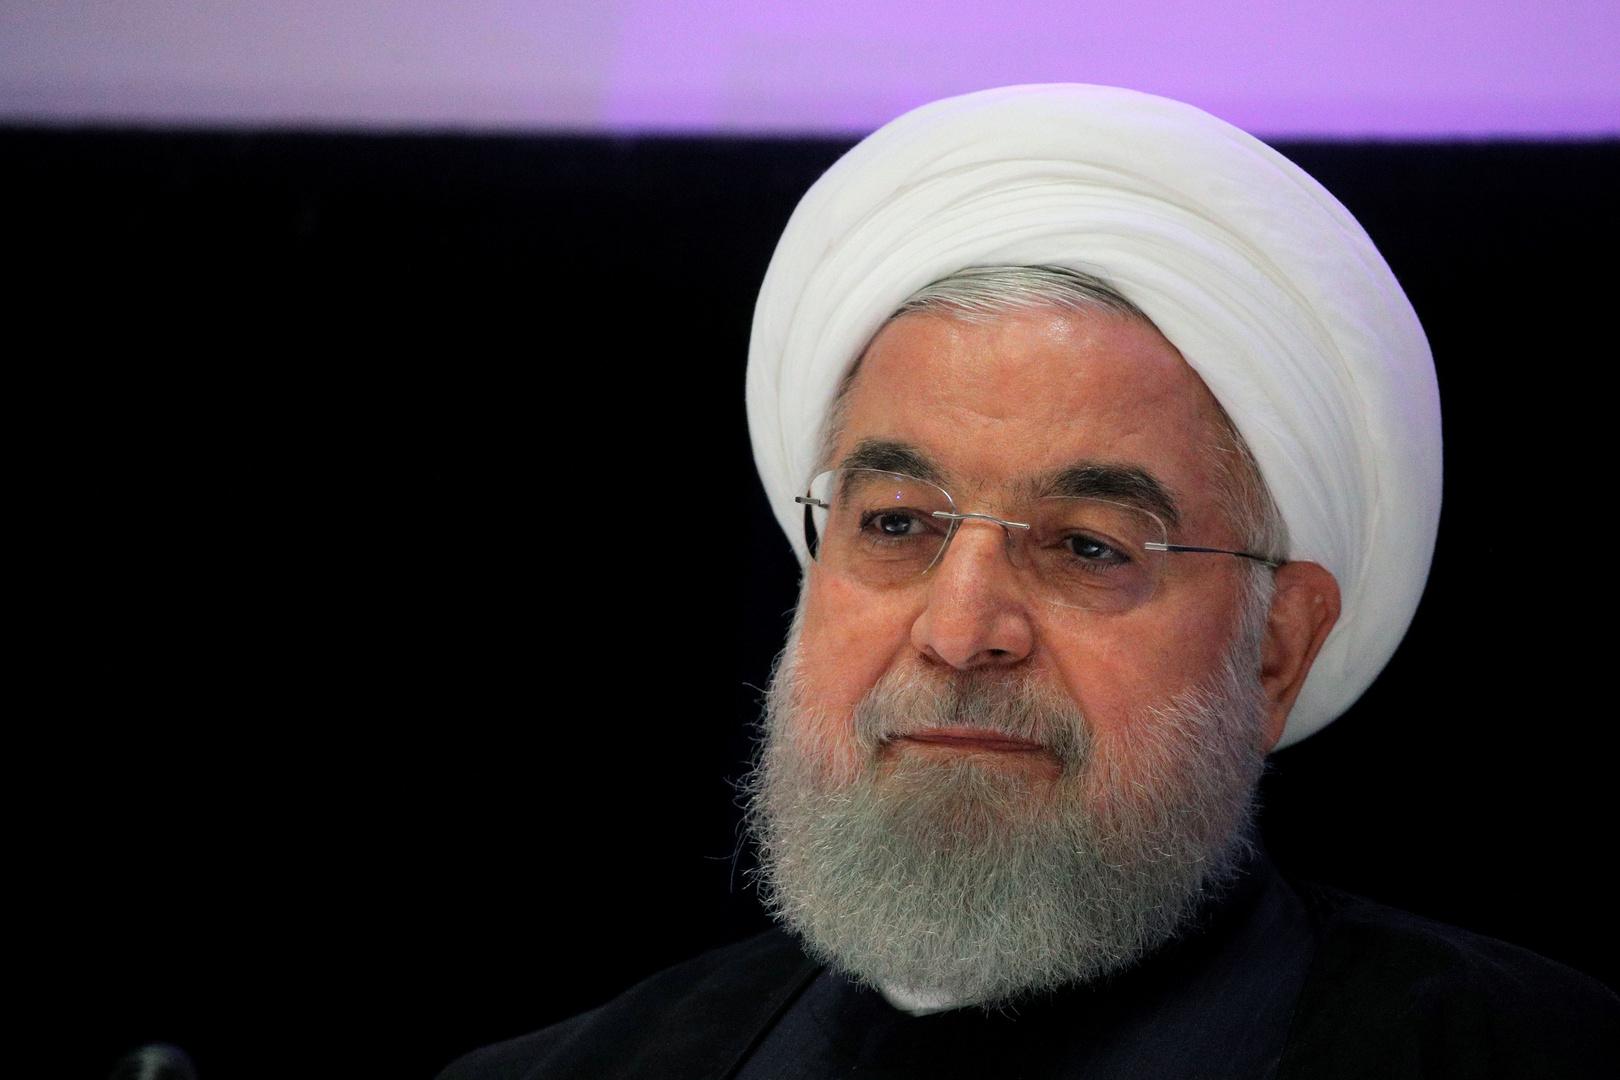 روحاني يكشف عن آخر نشاطات العالم النووي فخري زاده ويتوعد بالرد في الزمان المناسب